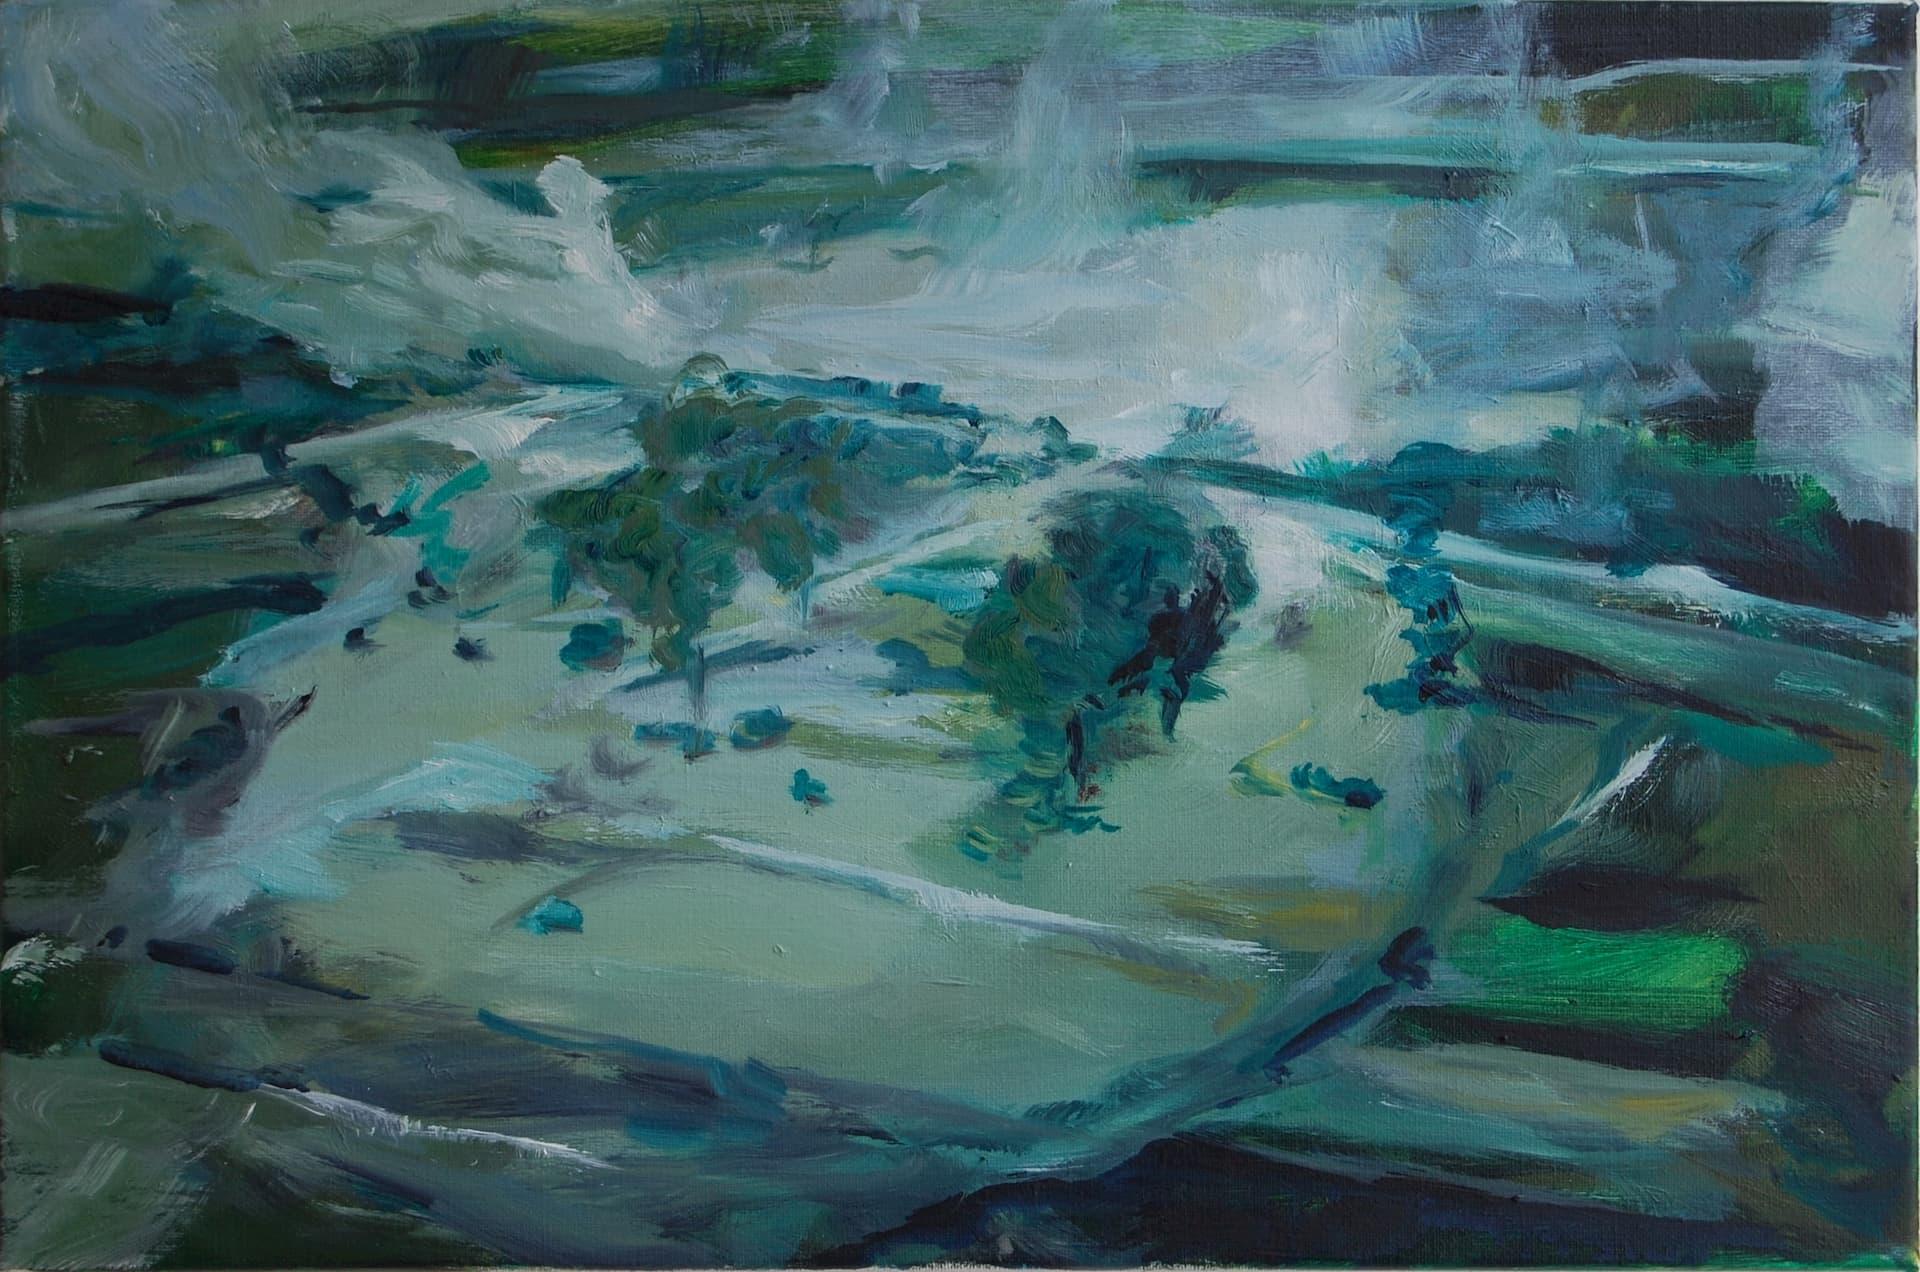 dodenakker, painting by Bart Vinckier